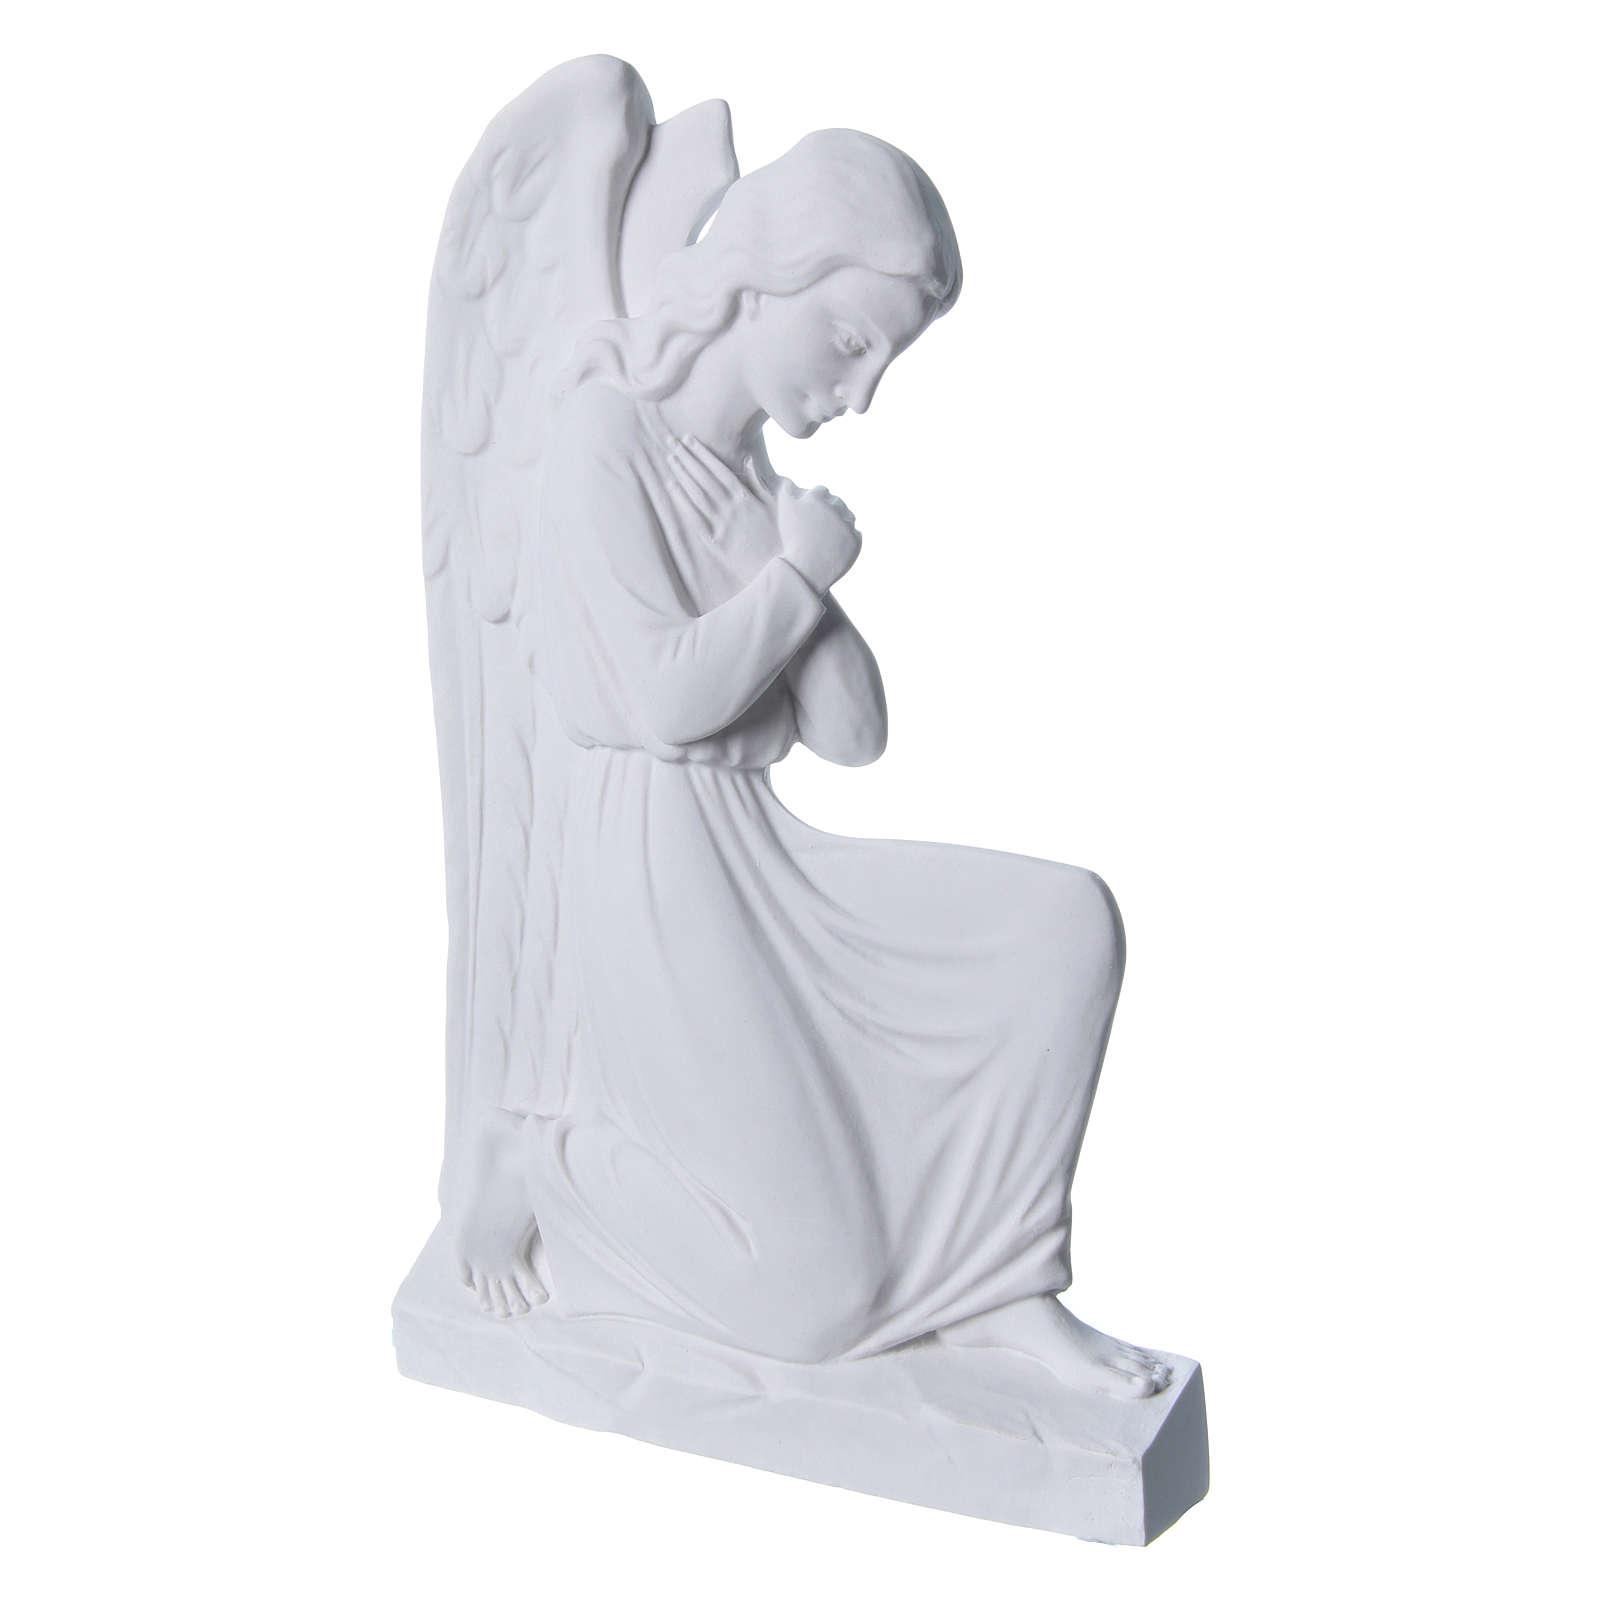 Applique Ange bras croisées marbre 25 cm 3